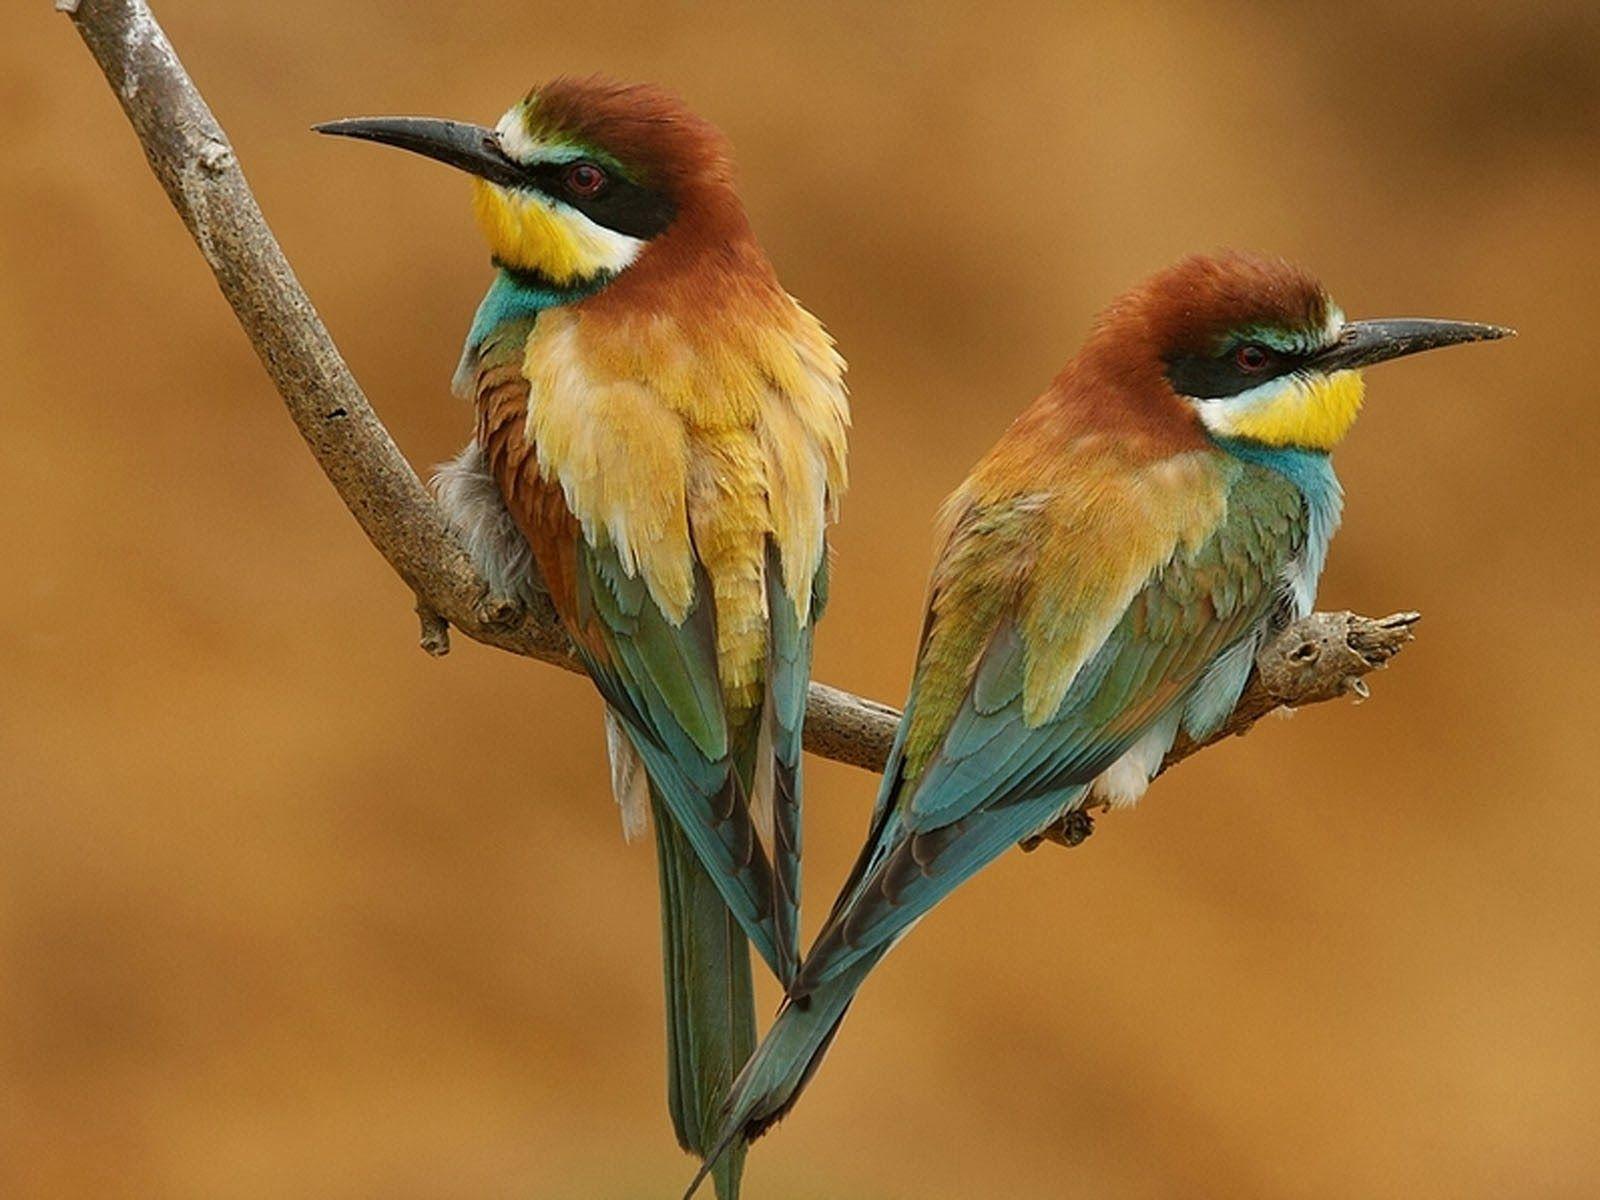 birds desktop wallpapers | wallpaper hd online | my birds